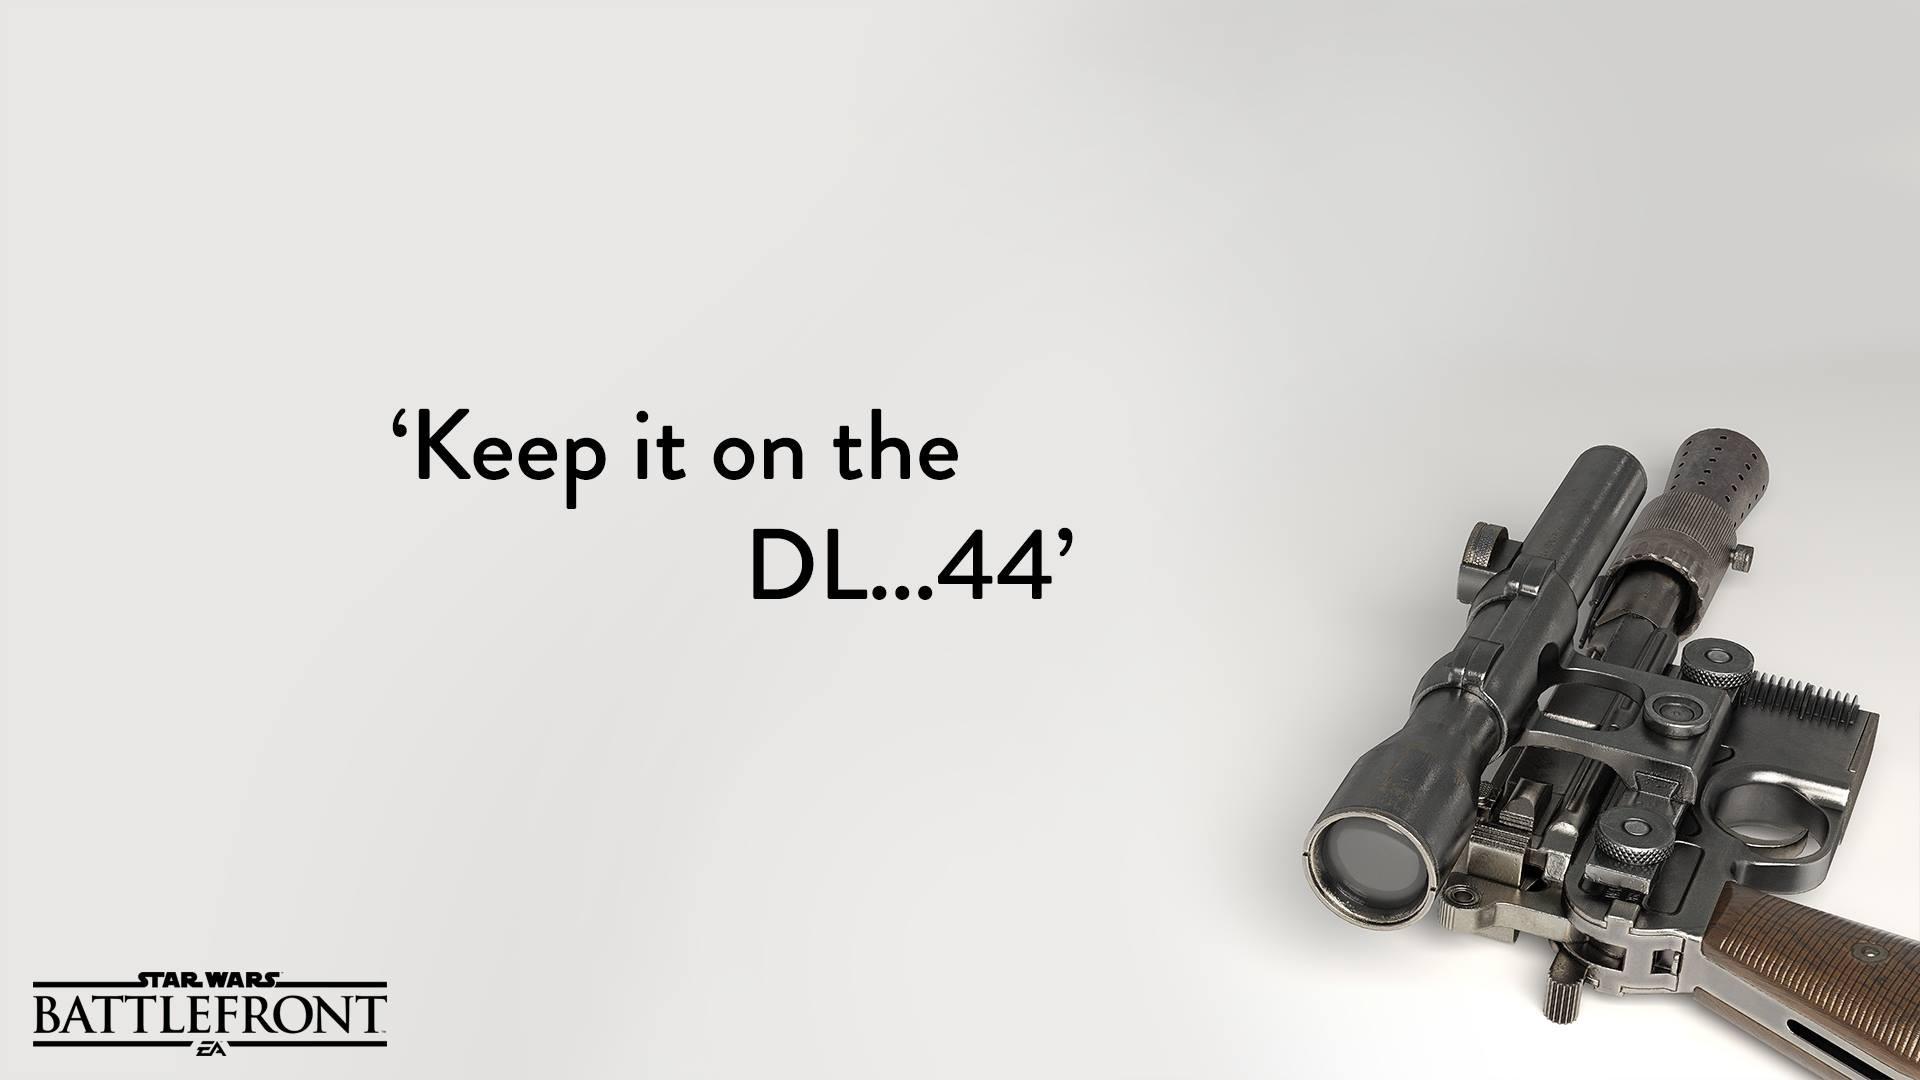 Wallpaper Star Wars Weapon Brand Rebel Alliance Star Wars Battlefront Han Solo Dl 44 Heavy Blaster Pistol 1920x1080 Px Font Firearm Product Design 1920x1080 Wallhaven 786099 Hd Wallpapers Wallhere